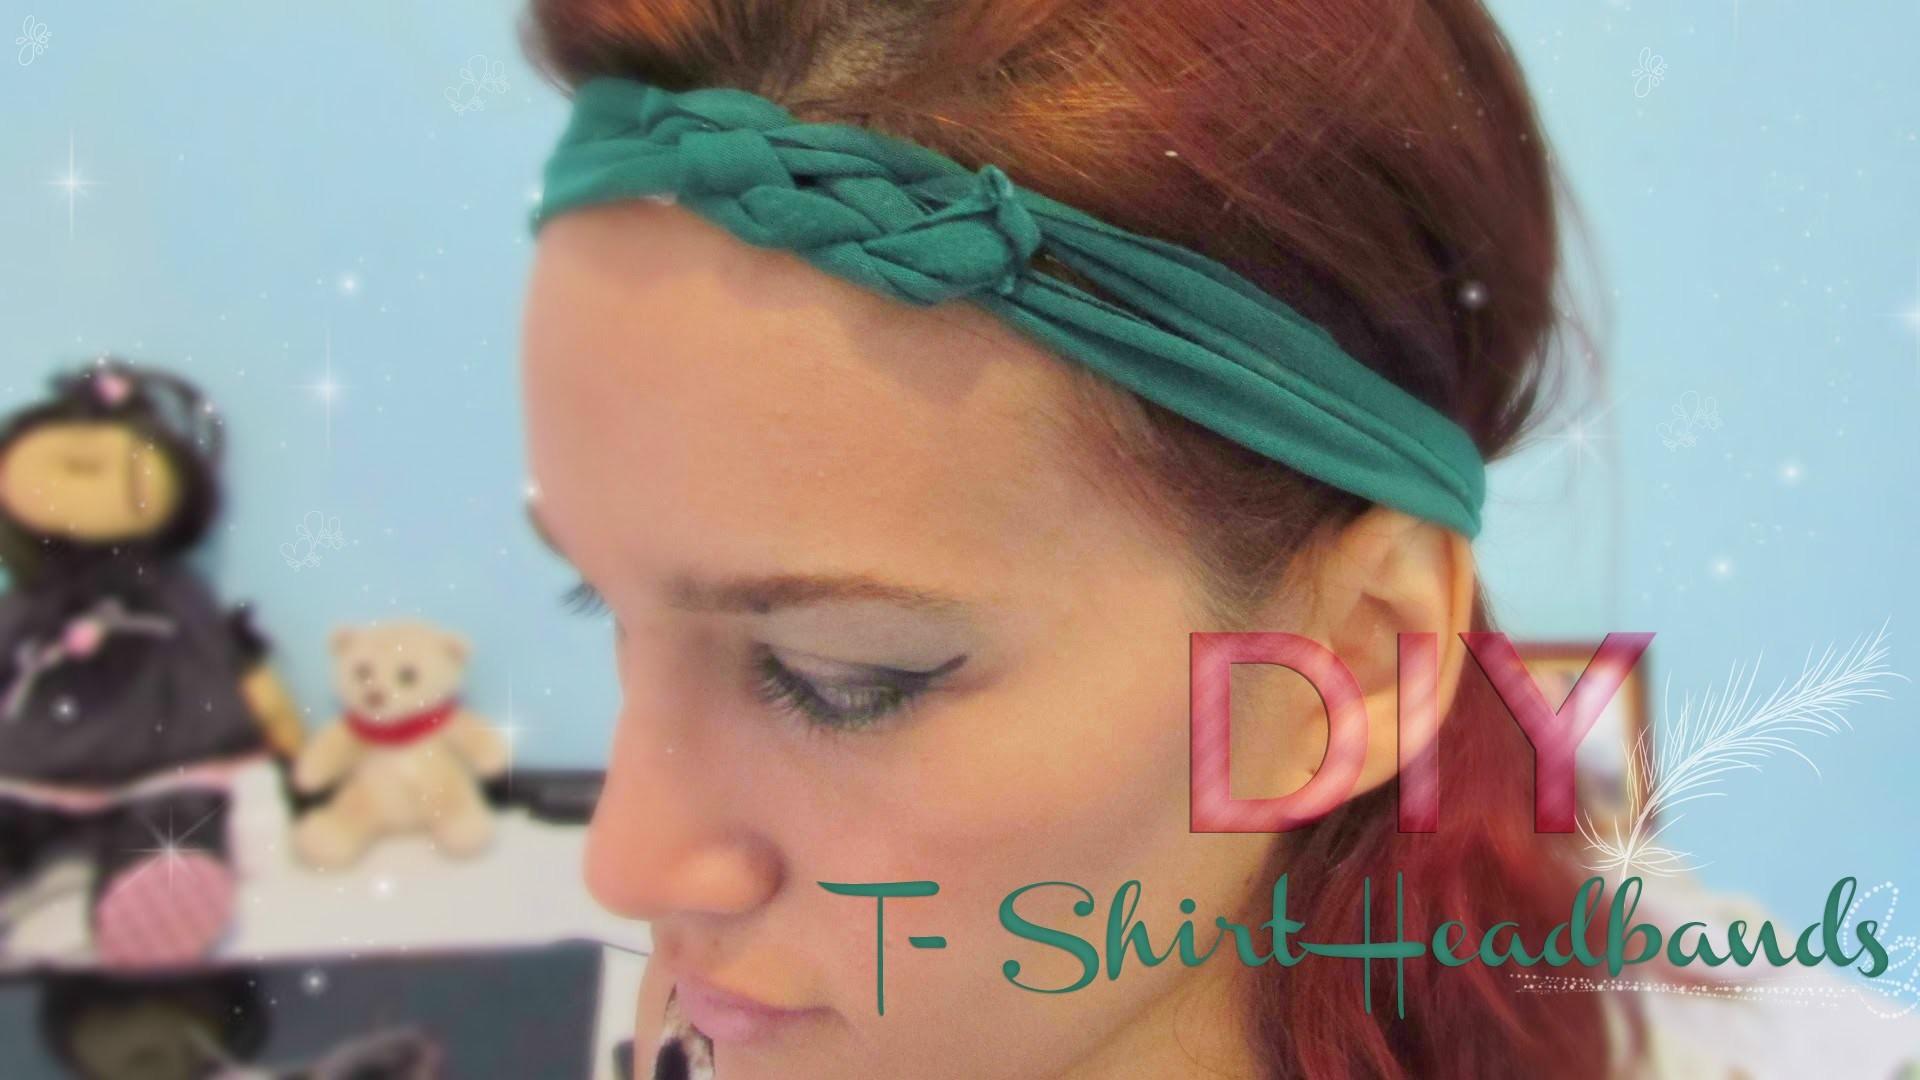 DIY T-Shirt Headband | Stephanie Ferreira